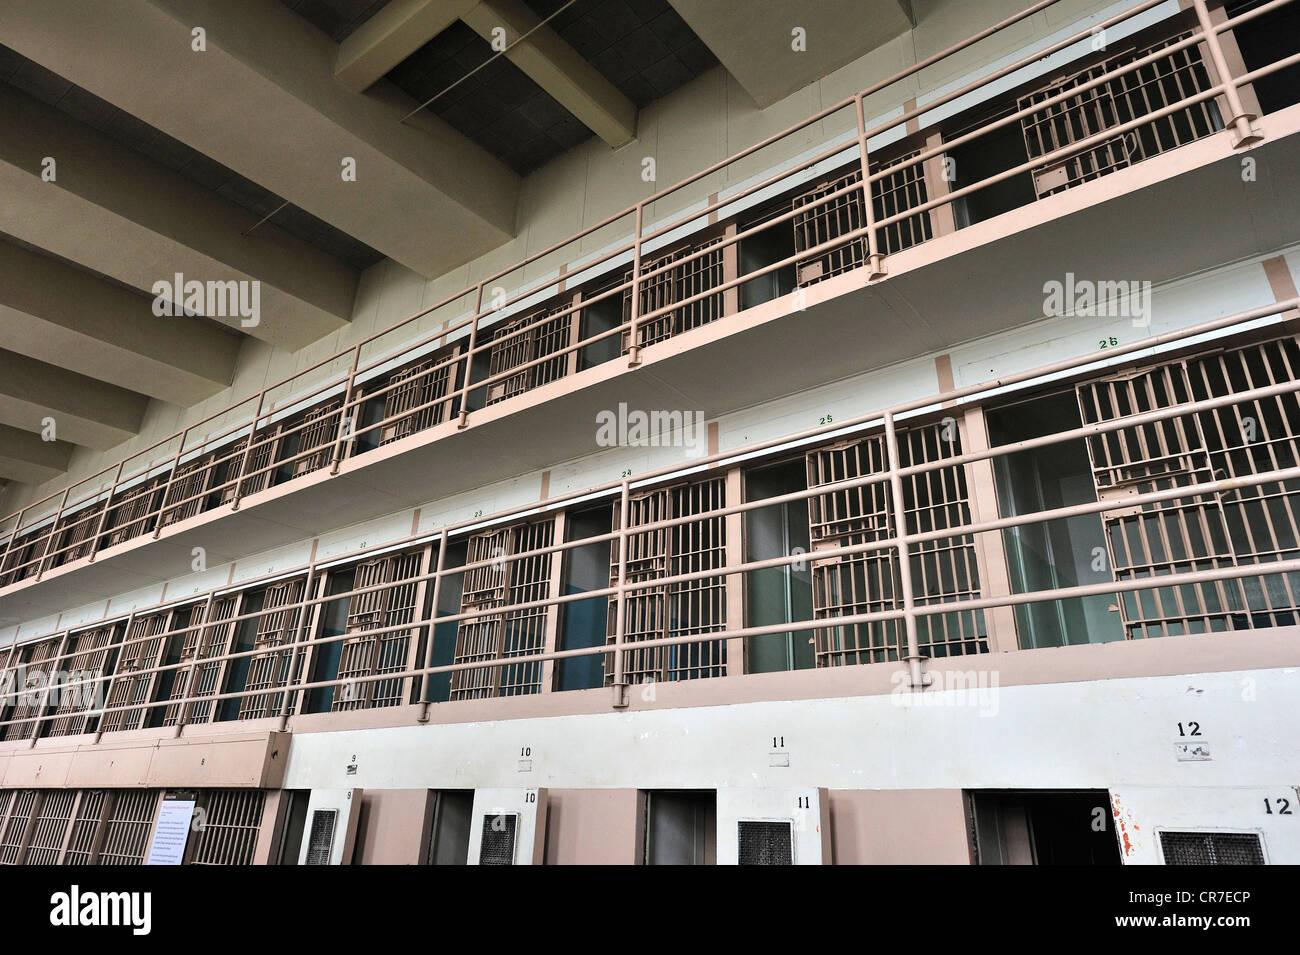 Bloc de cellules d en prison, pour les prisonniers spéciaux tels qu'Al Capone, l'île d'Alcatraz, Photo Stock